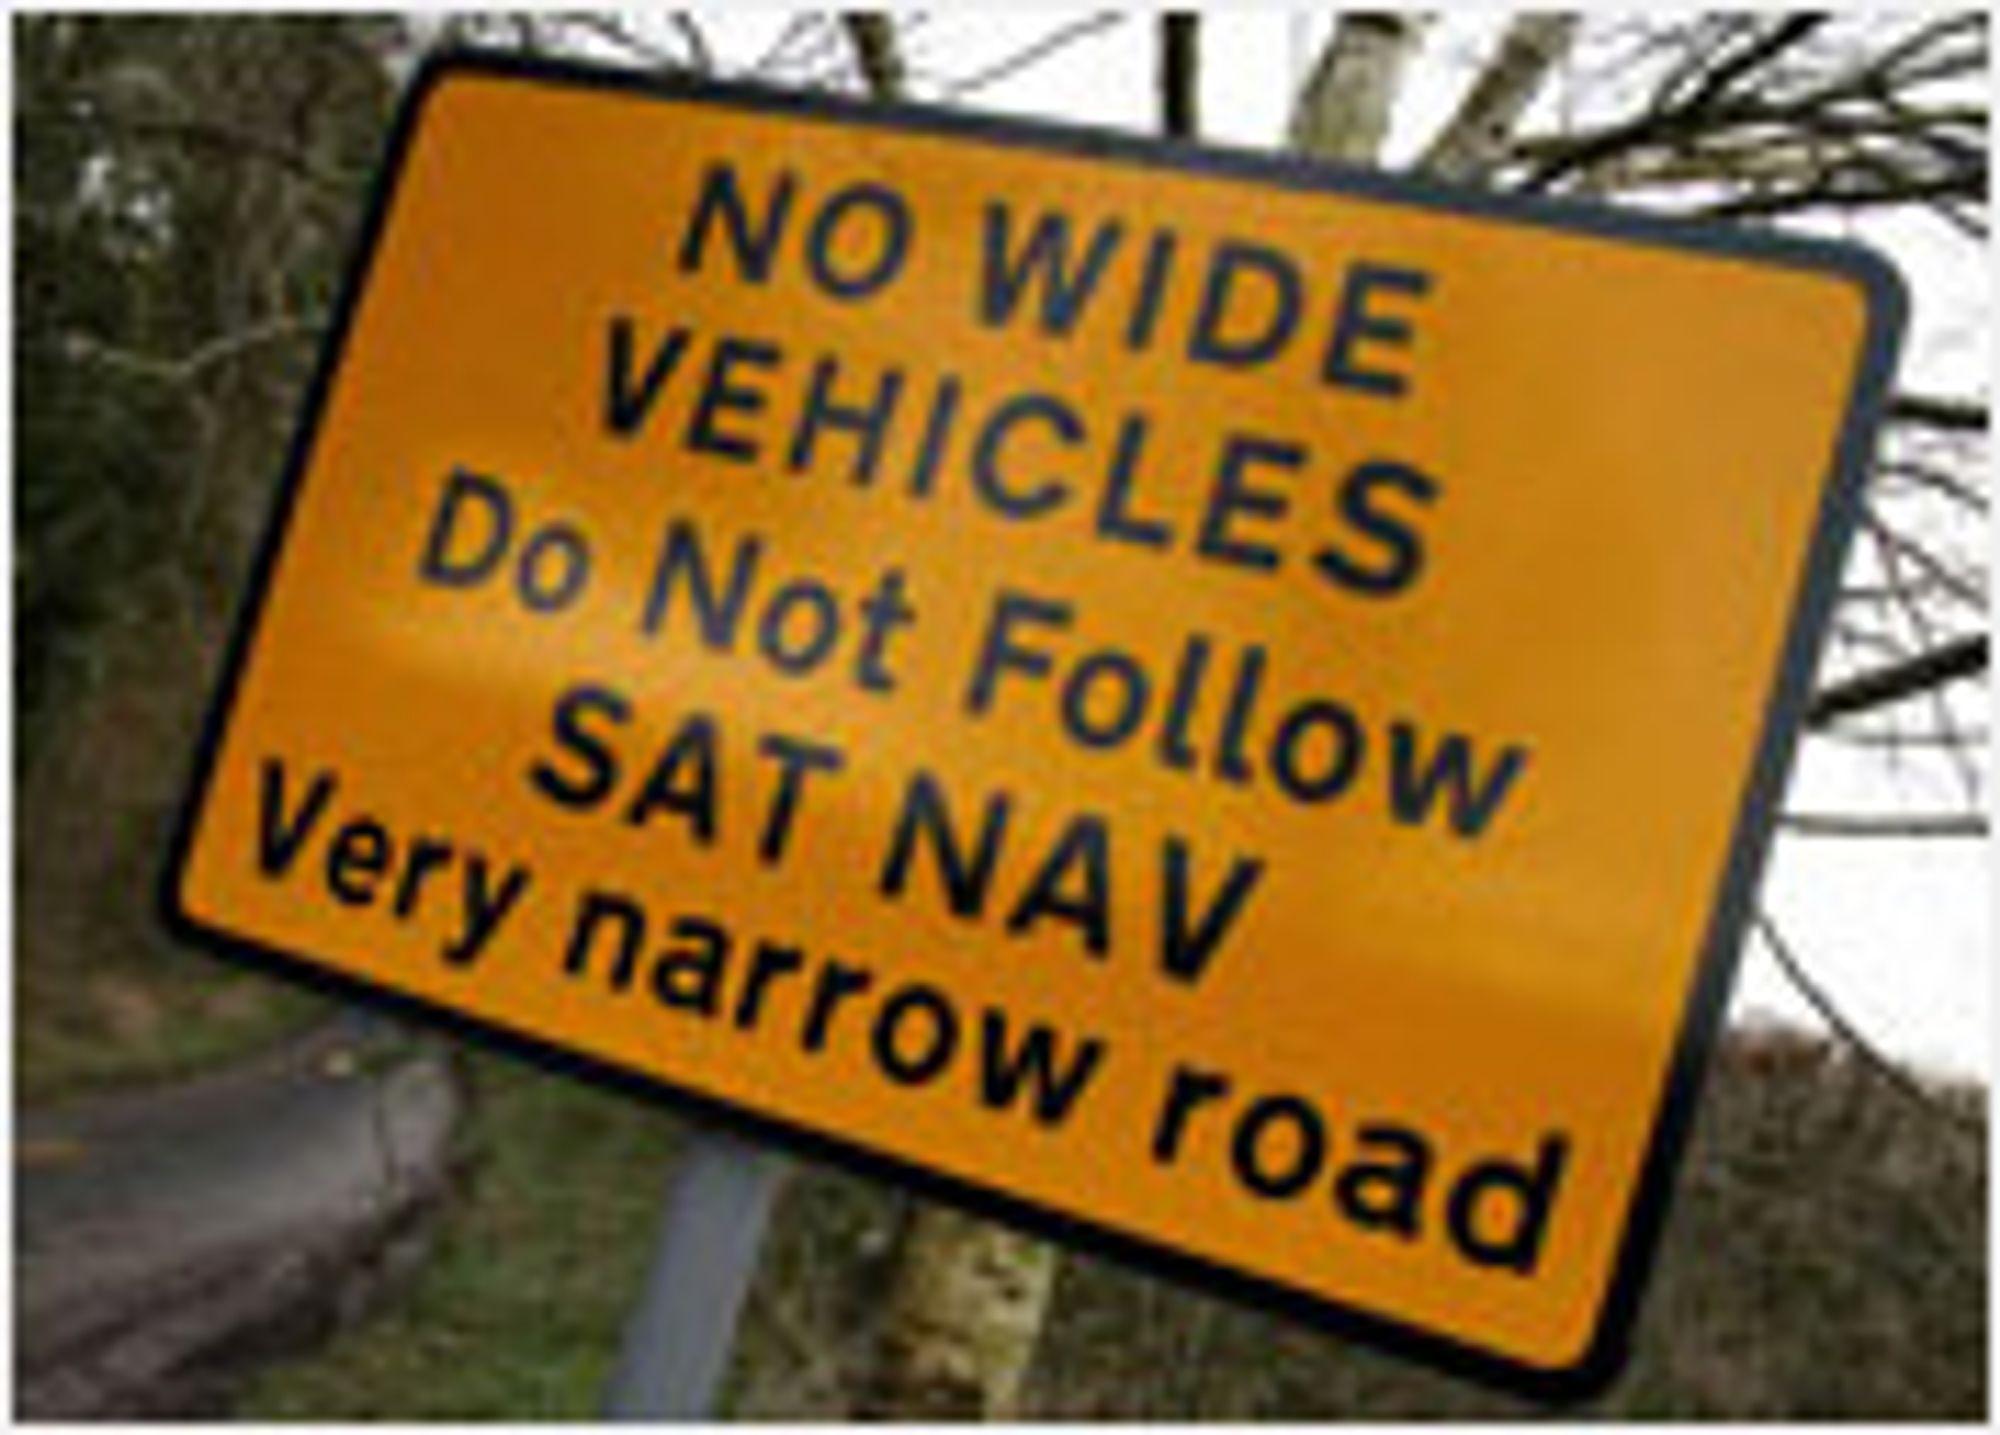 GPS-en leder til raskeste vei. Hvis du har en smal bil.